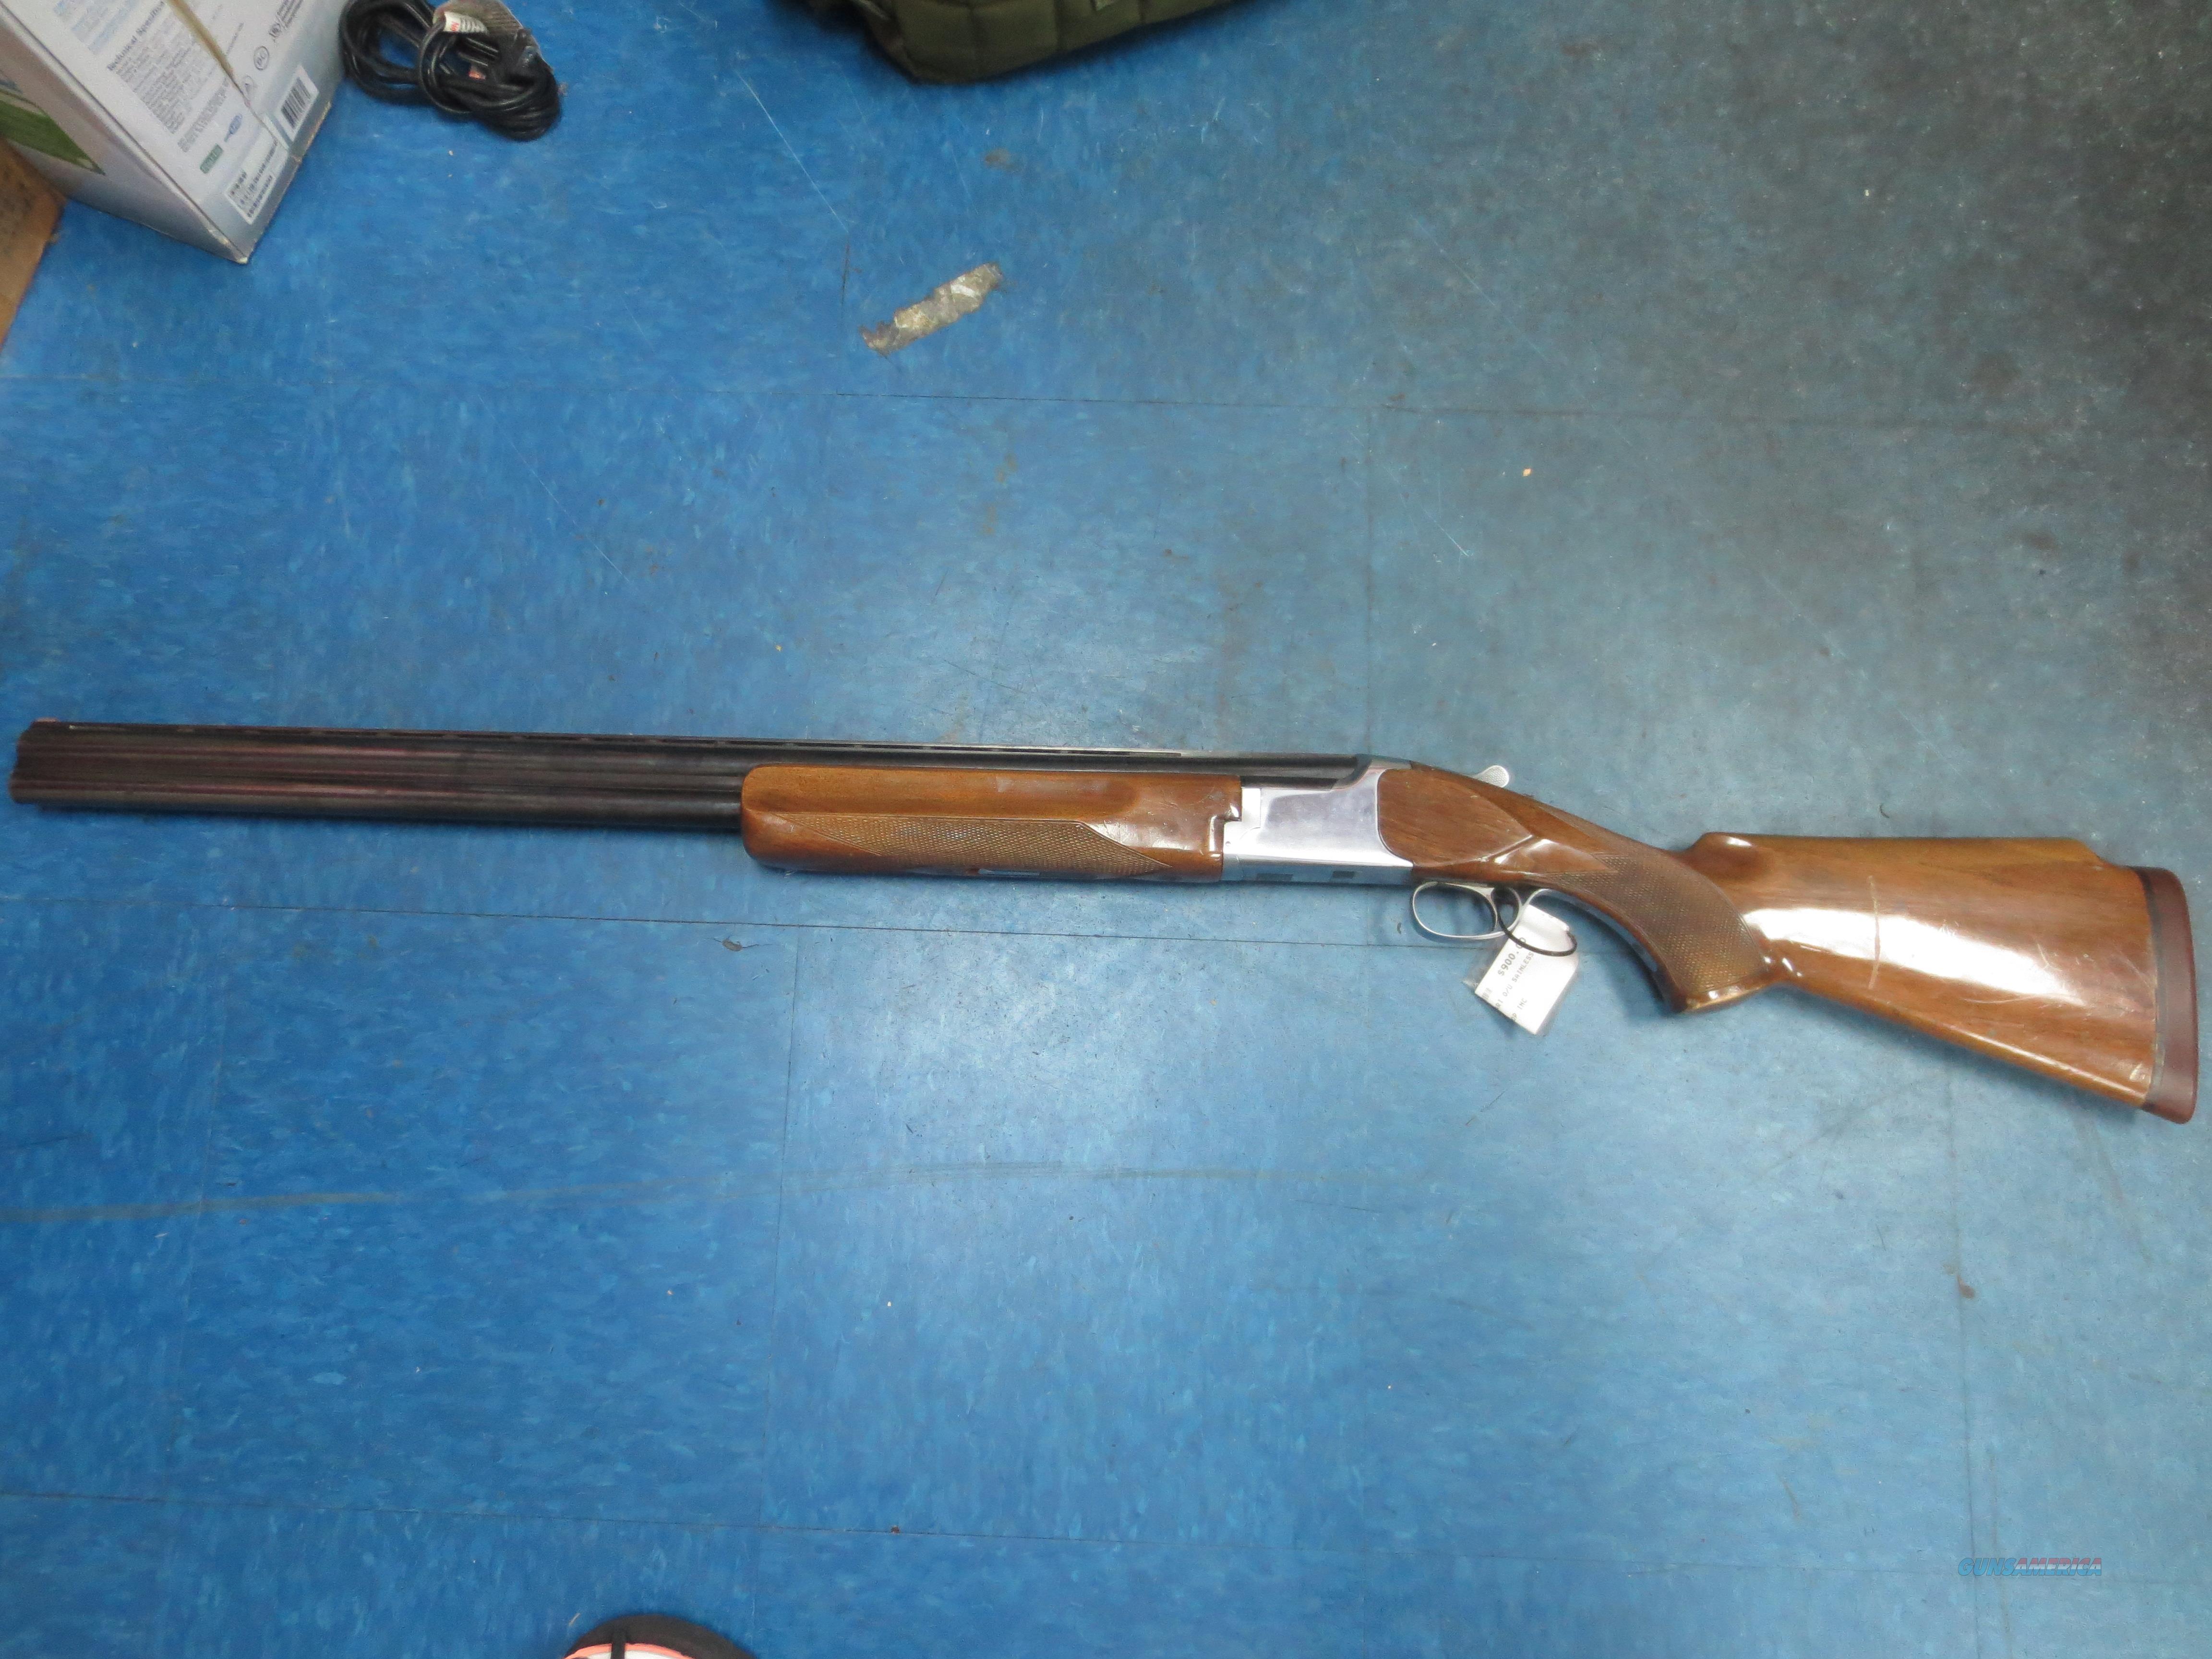 Browning Citori O/U 12 gauge Shotgun  Guns > Shotguns > Browning Shotguns > Over Unders > Citori > Trap/Skeet